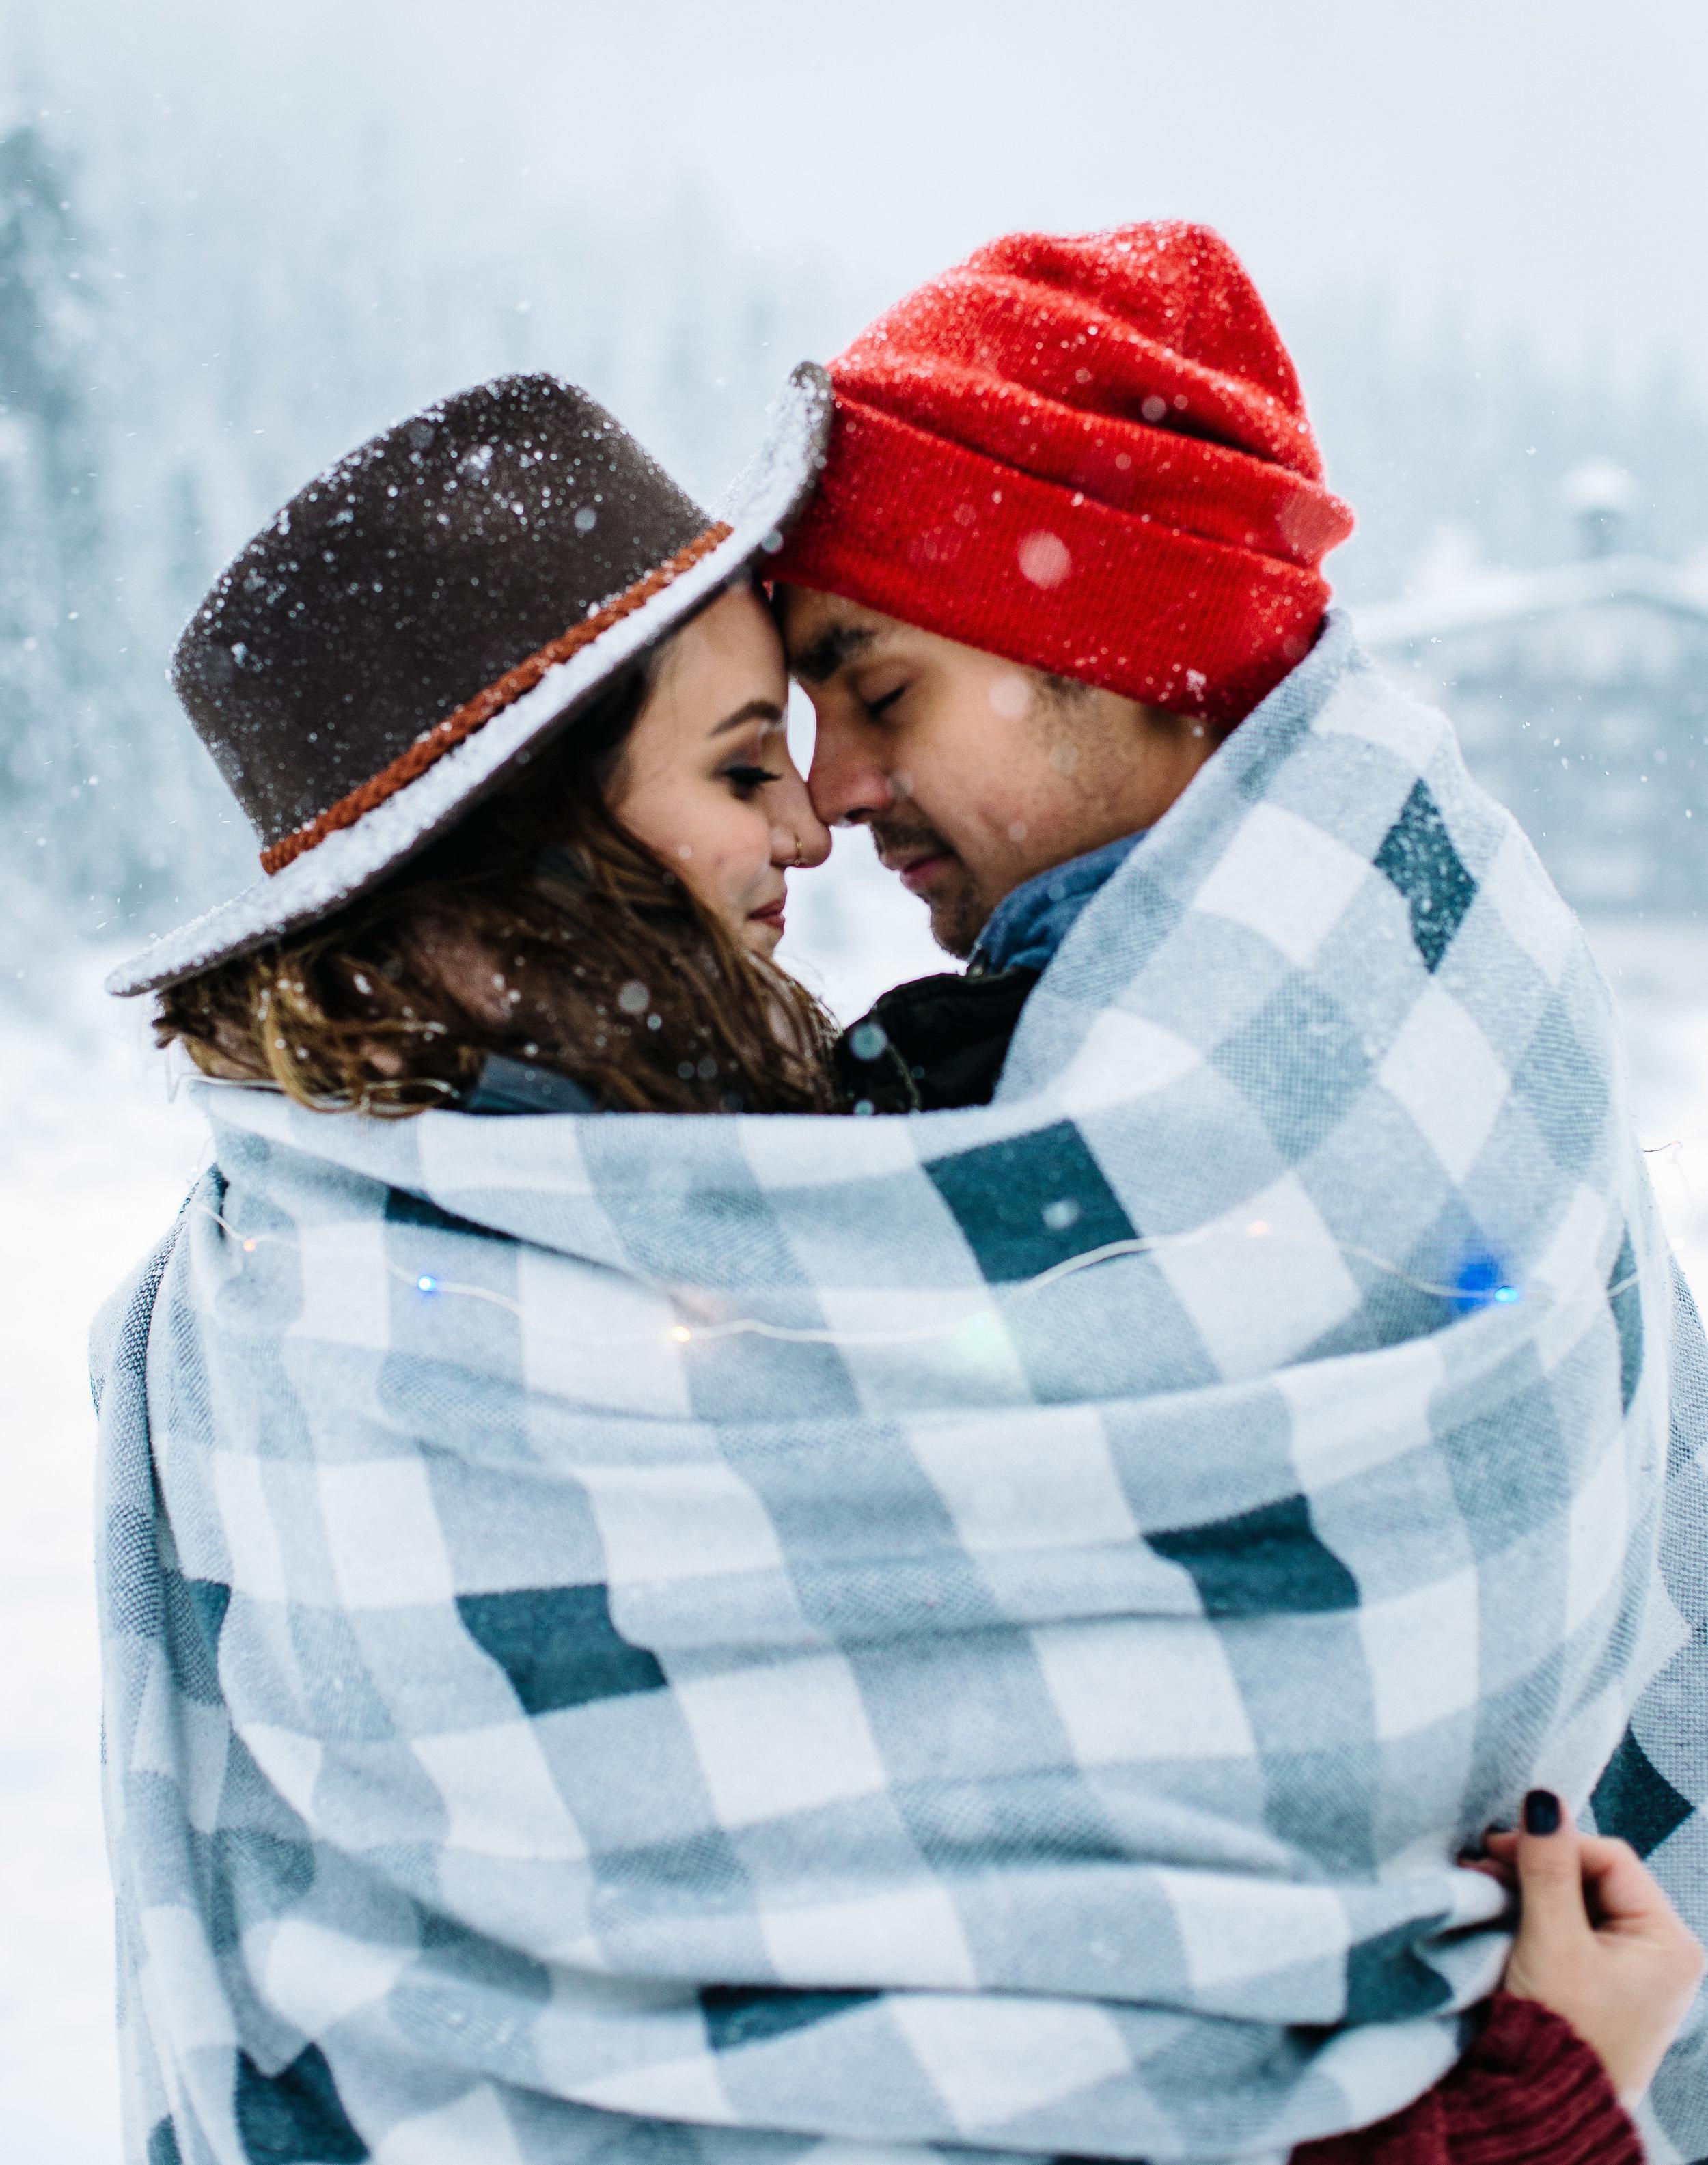 Snoqualmie Winter Wonderland -